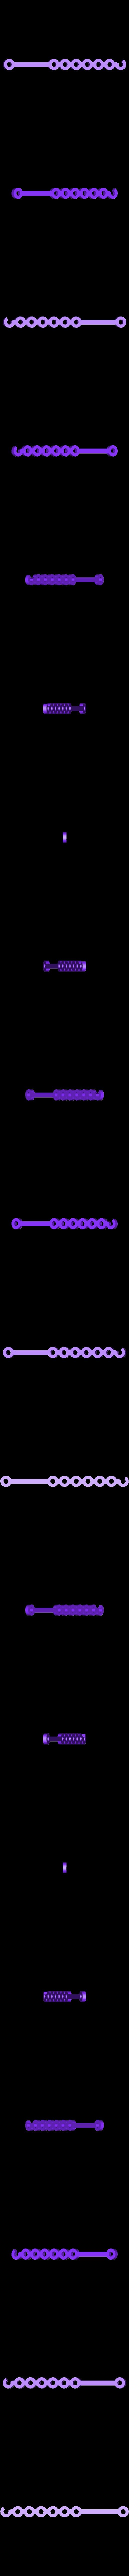 leg_arm_2l.stl Télécharger fichier STL gratuit Kozjavcka ( Козявка ) • Modèle pour impression 3D, SiberK